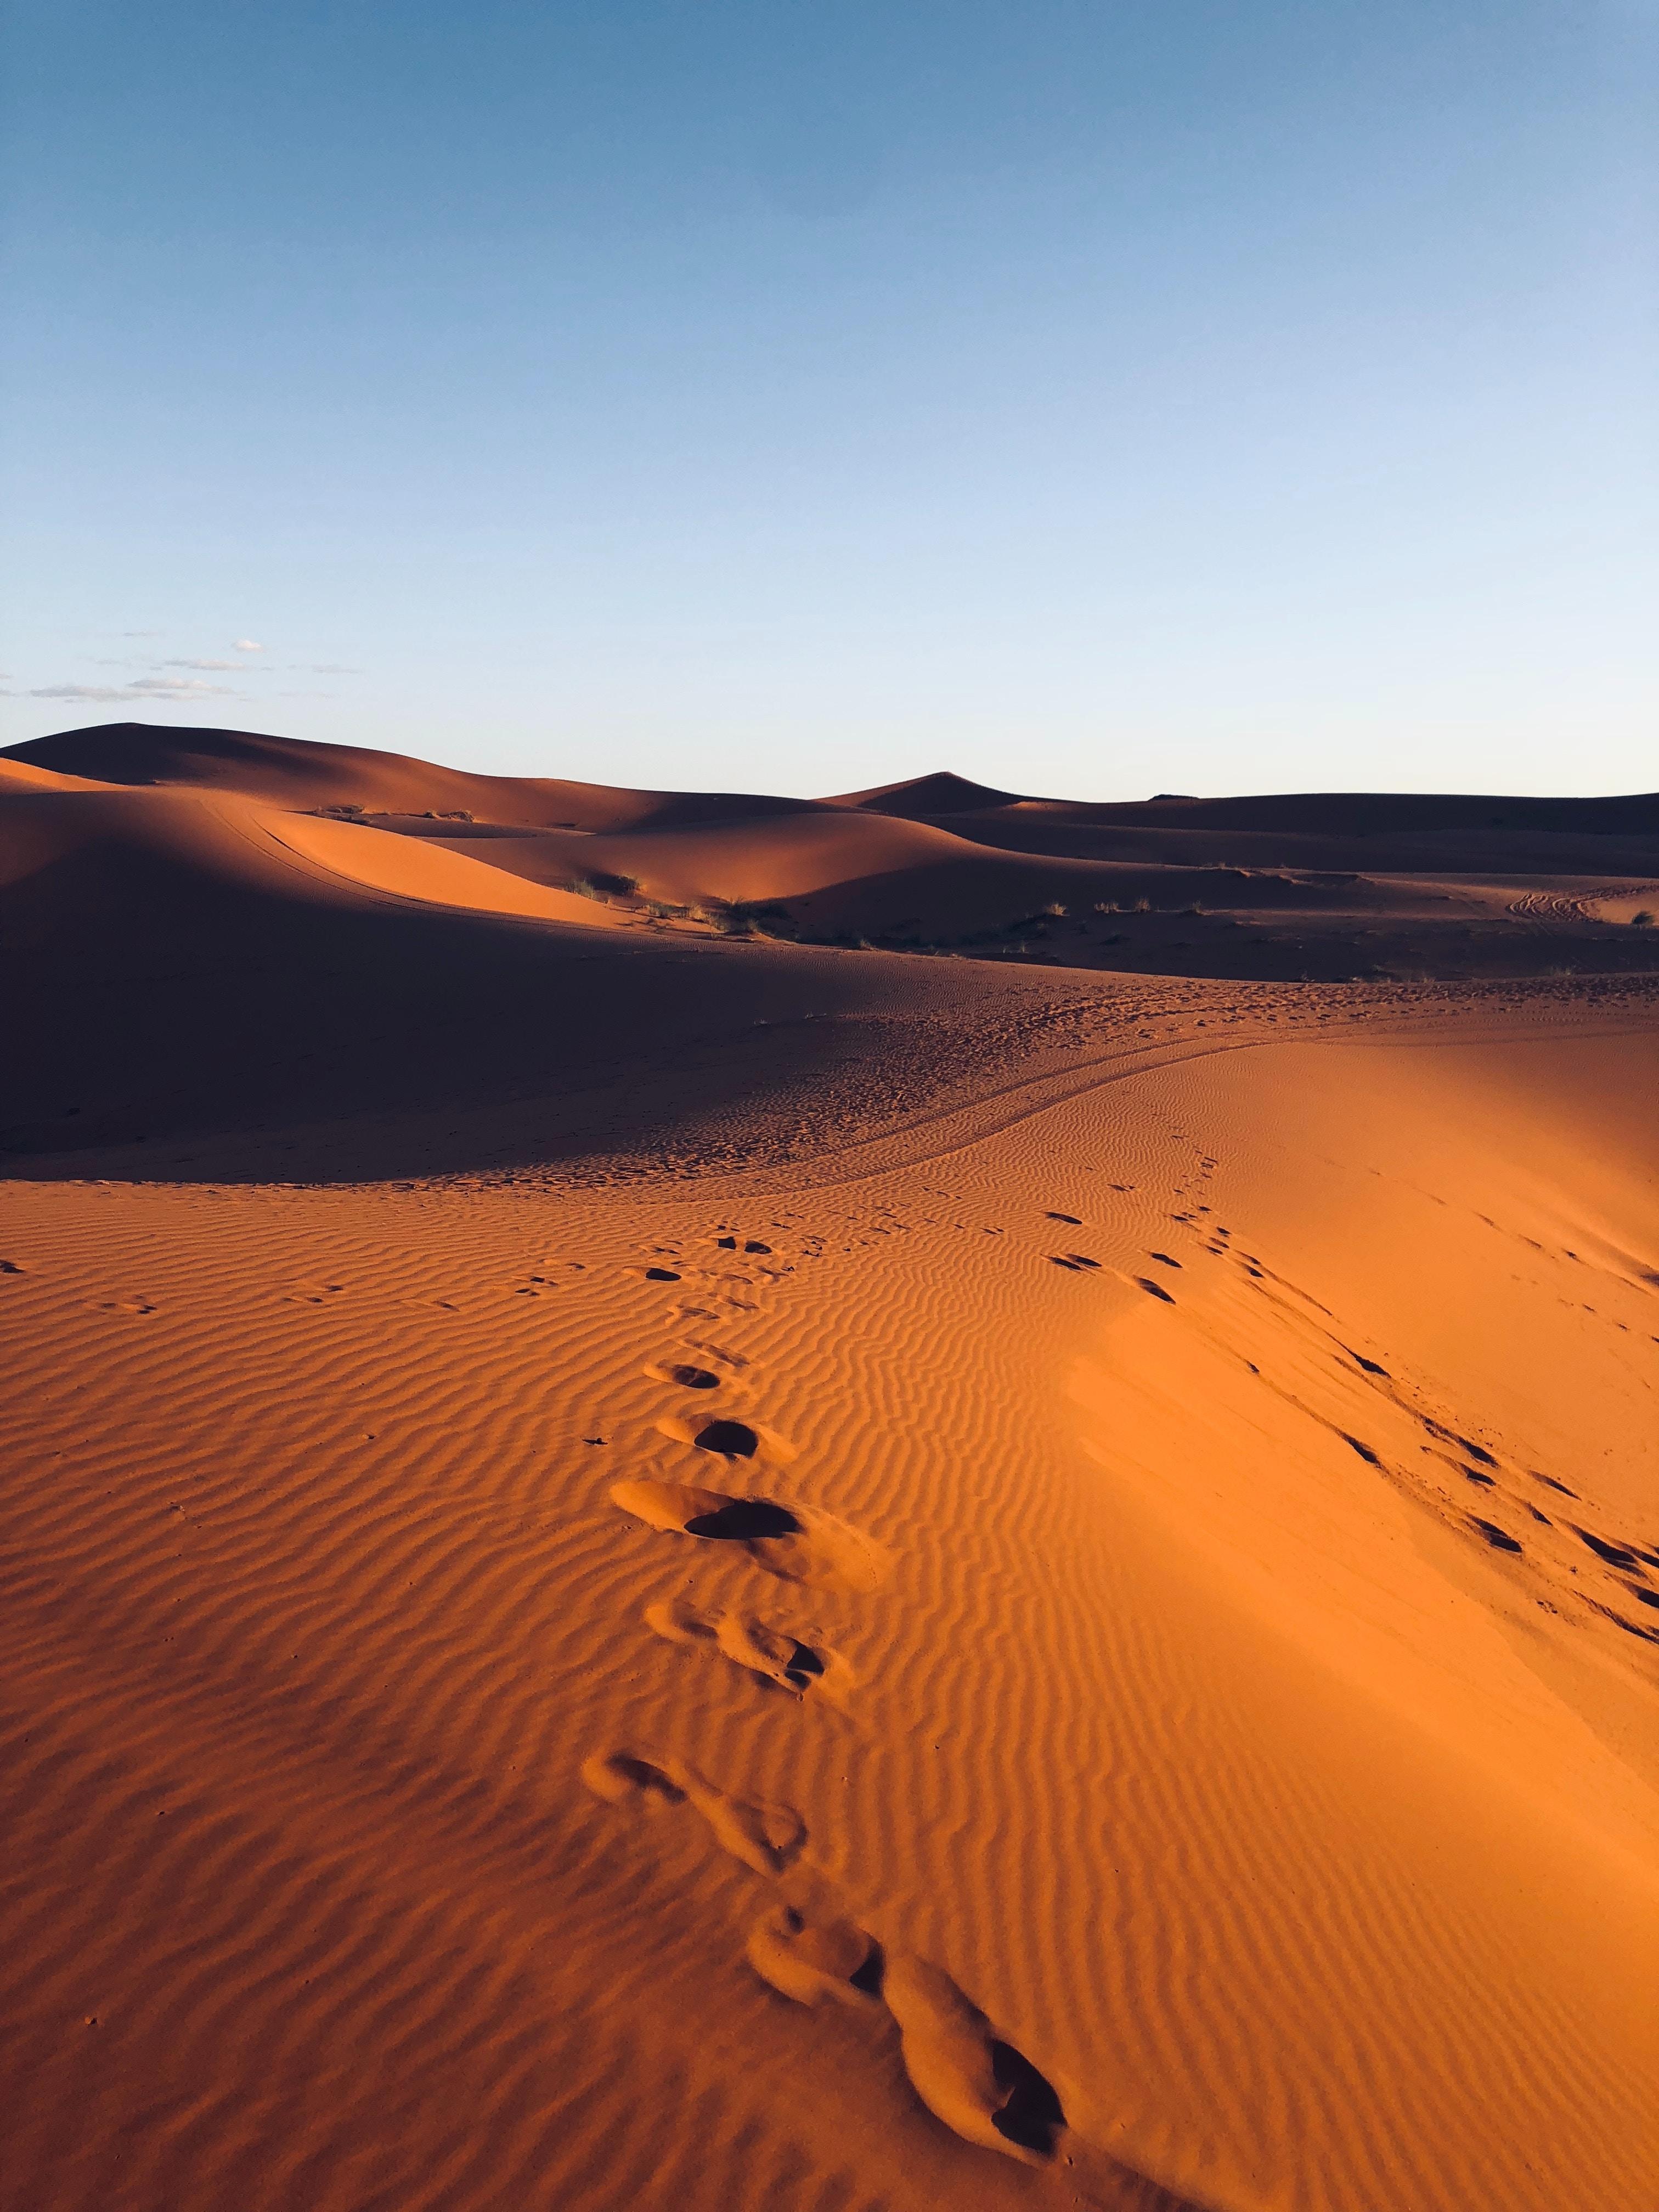 110714 обои 480x800 на телефон бесплатно, скачать картинки Природа, Песок, Пустыня, Марокко, Следы 480x800 на мобильный